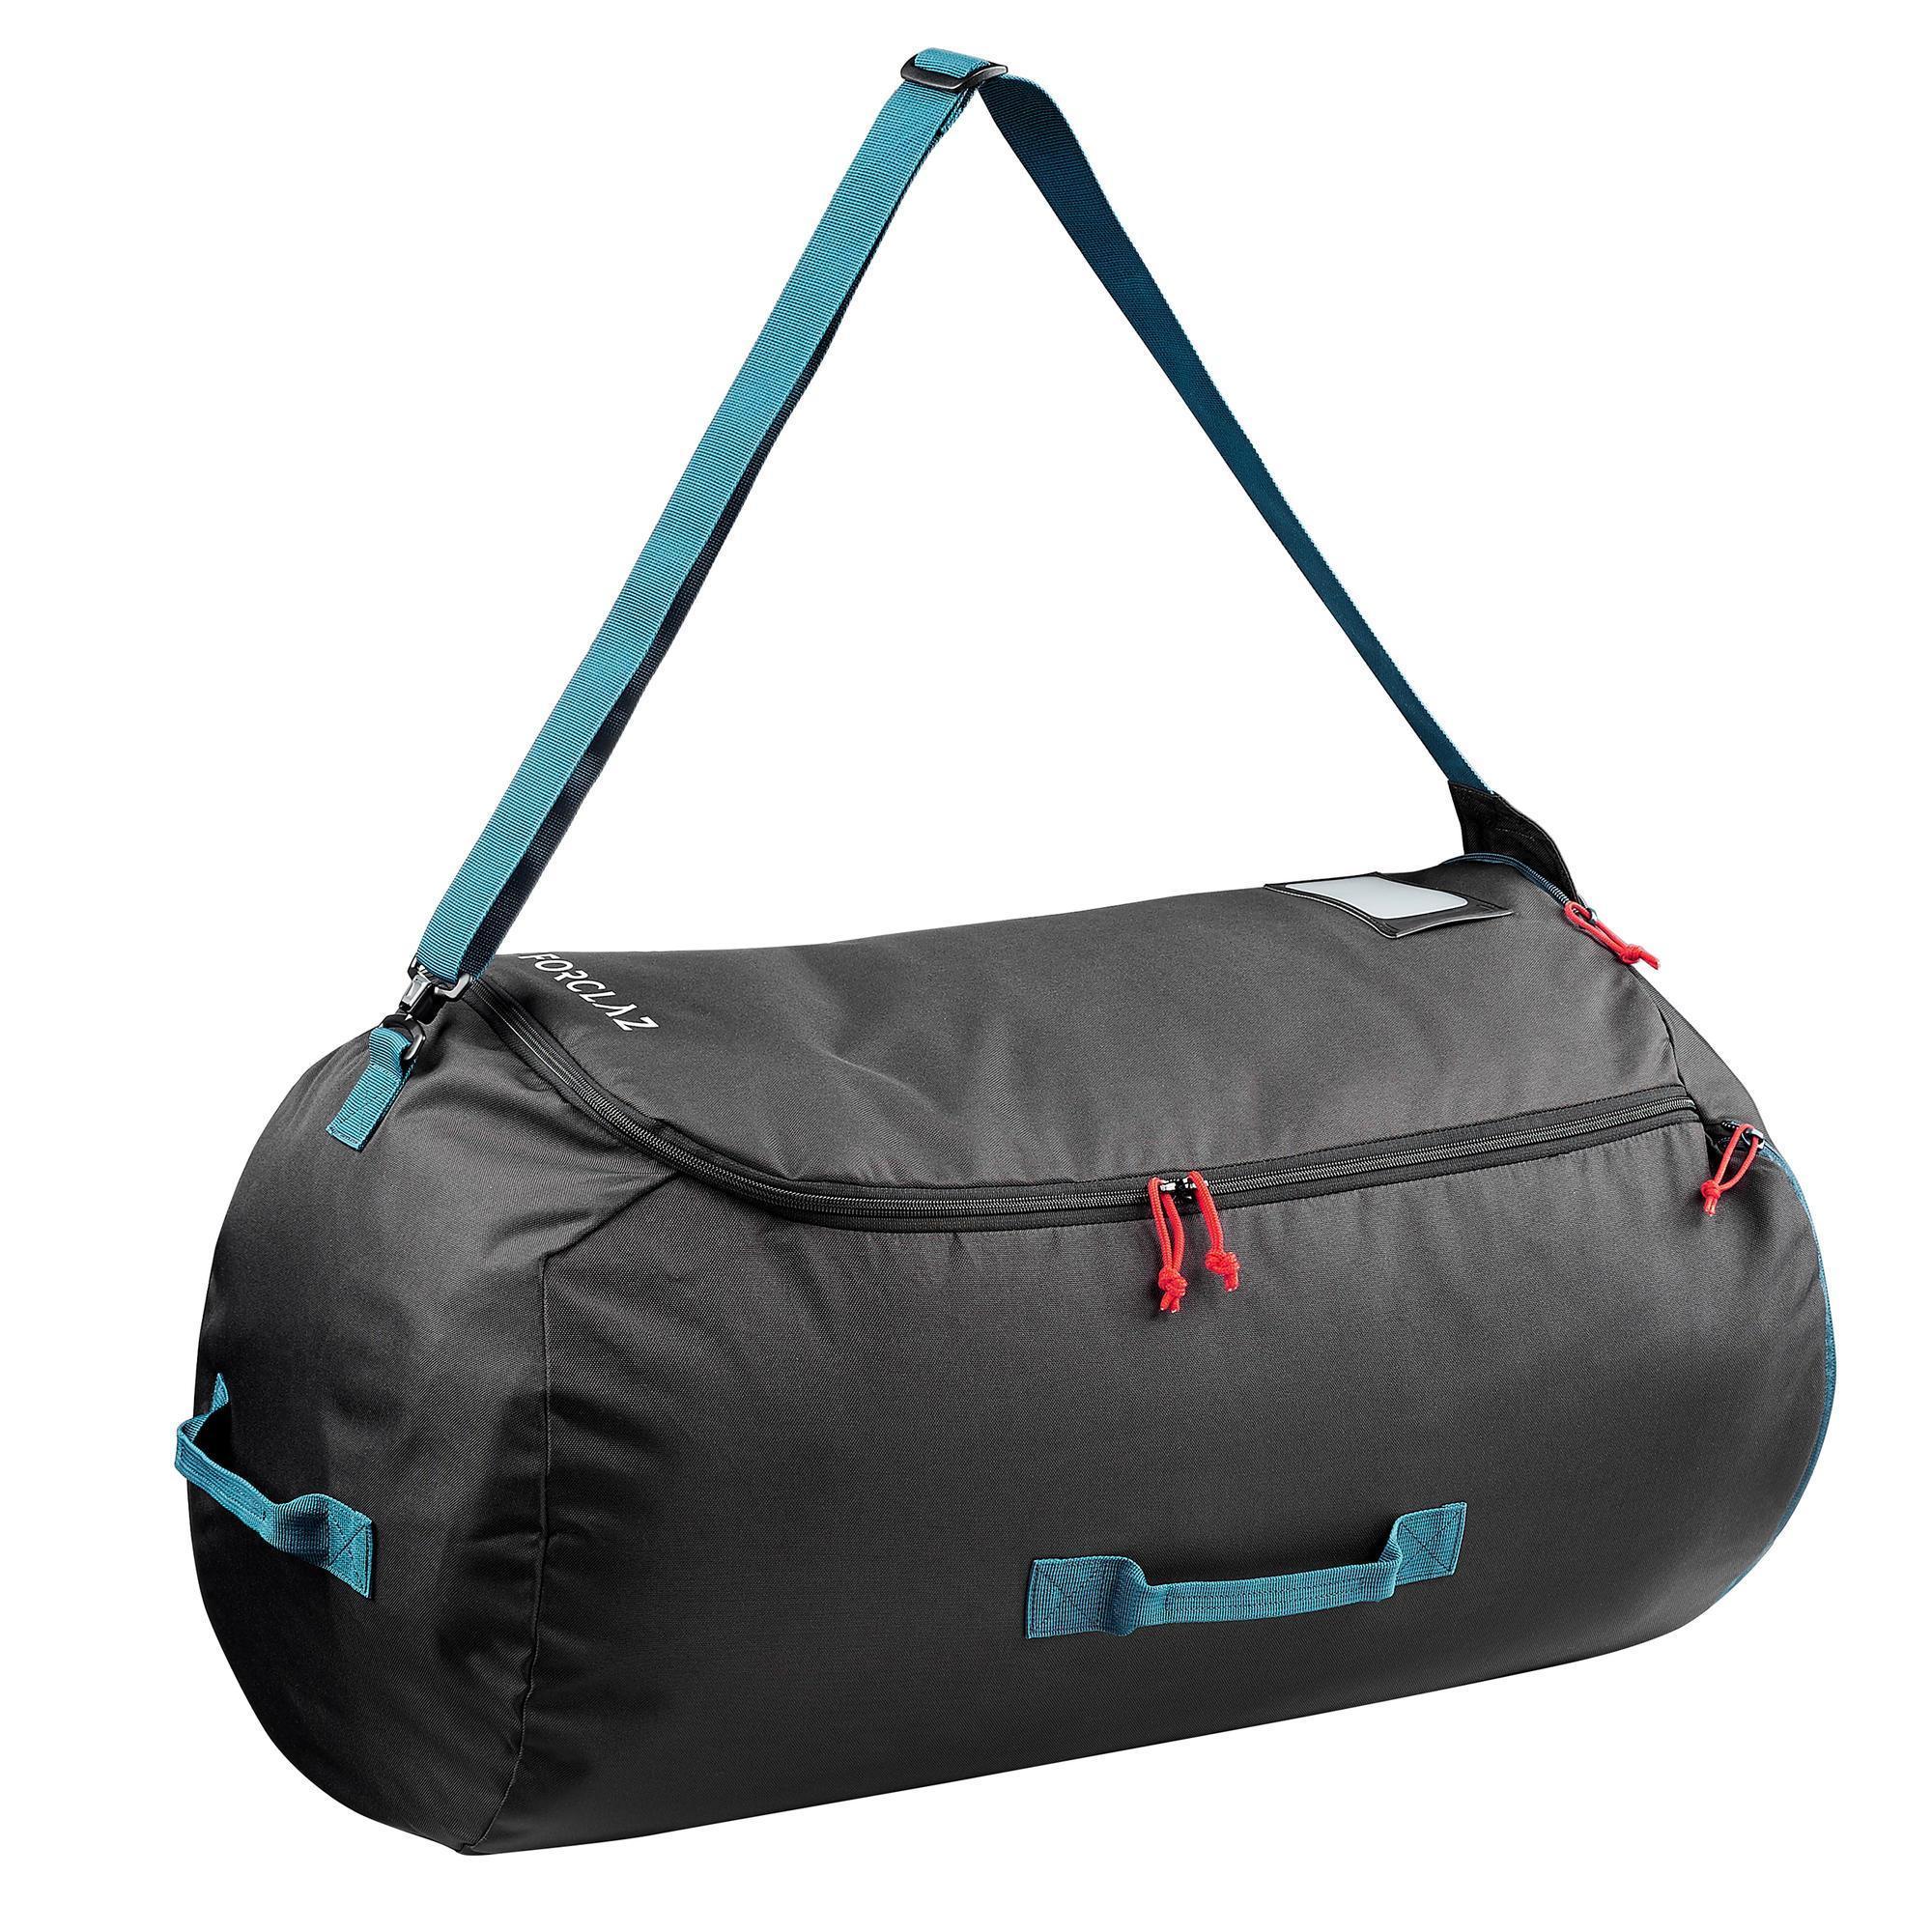 Housse de transport avion et protection TRAVEL pour sac à dos 40 à 90 litres - Forclaz